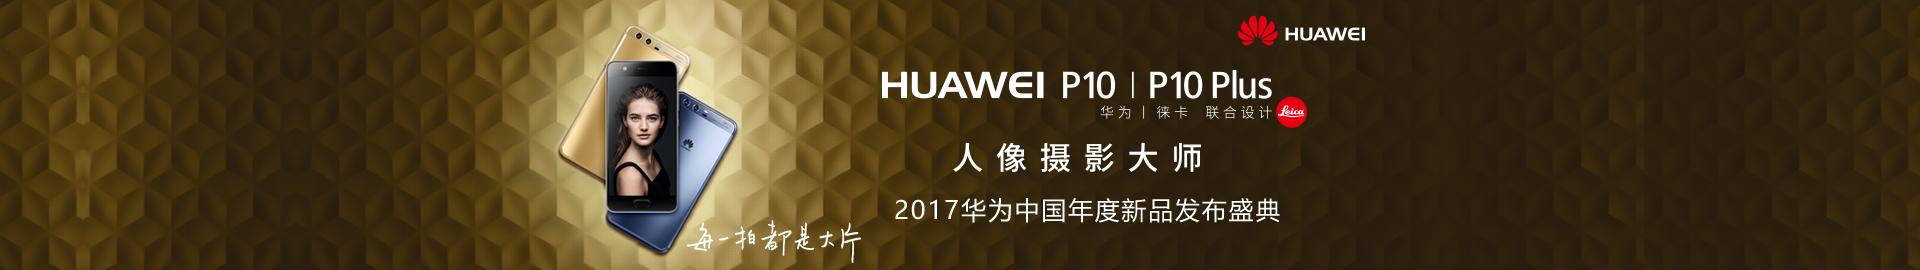 人像摄影大师 华为中国年度新品发布盛典